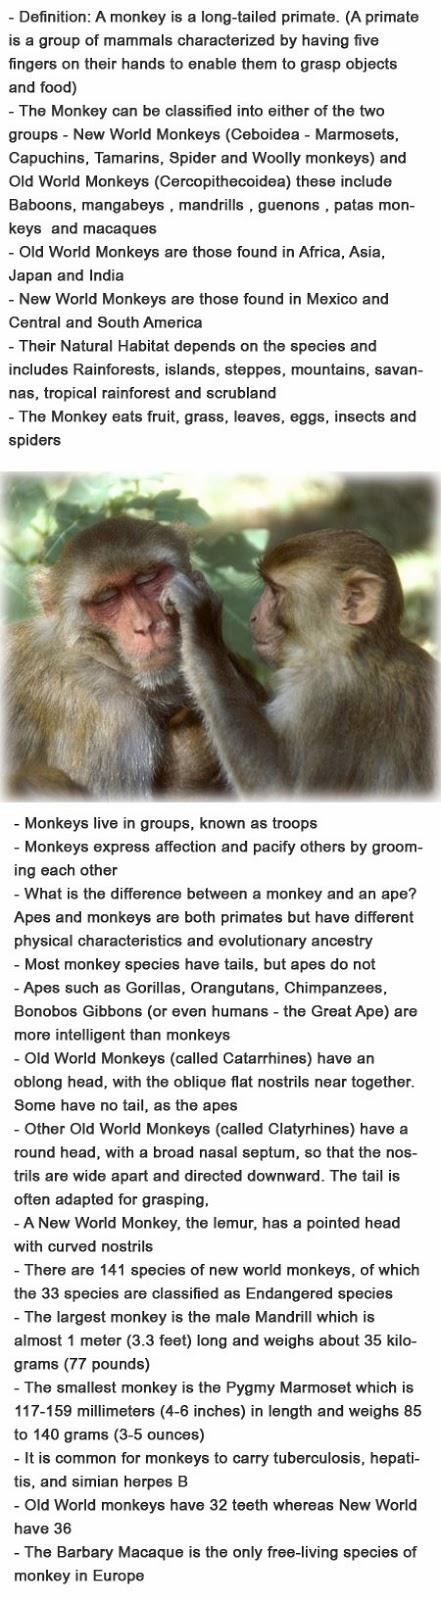 Facts on monkeys